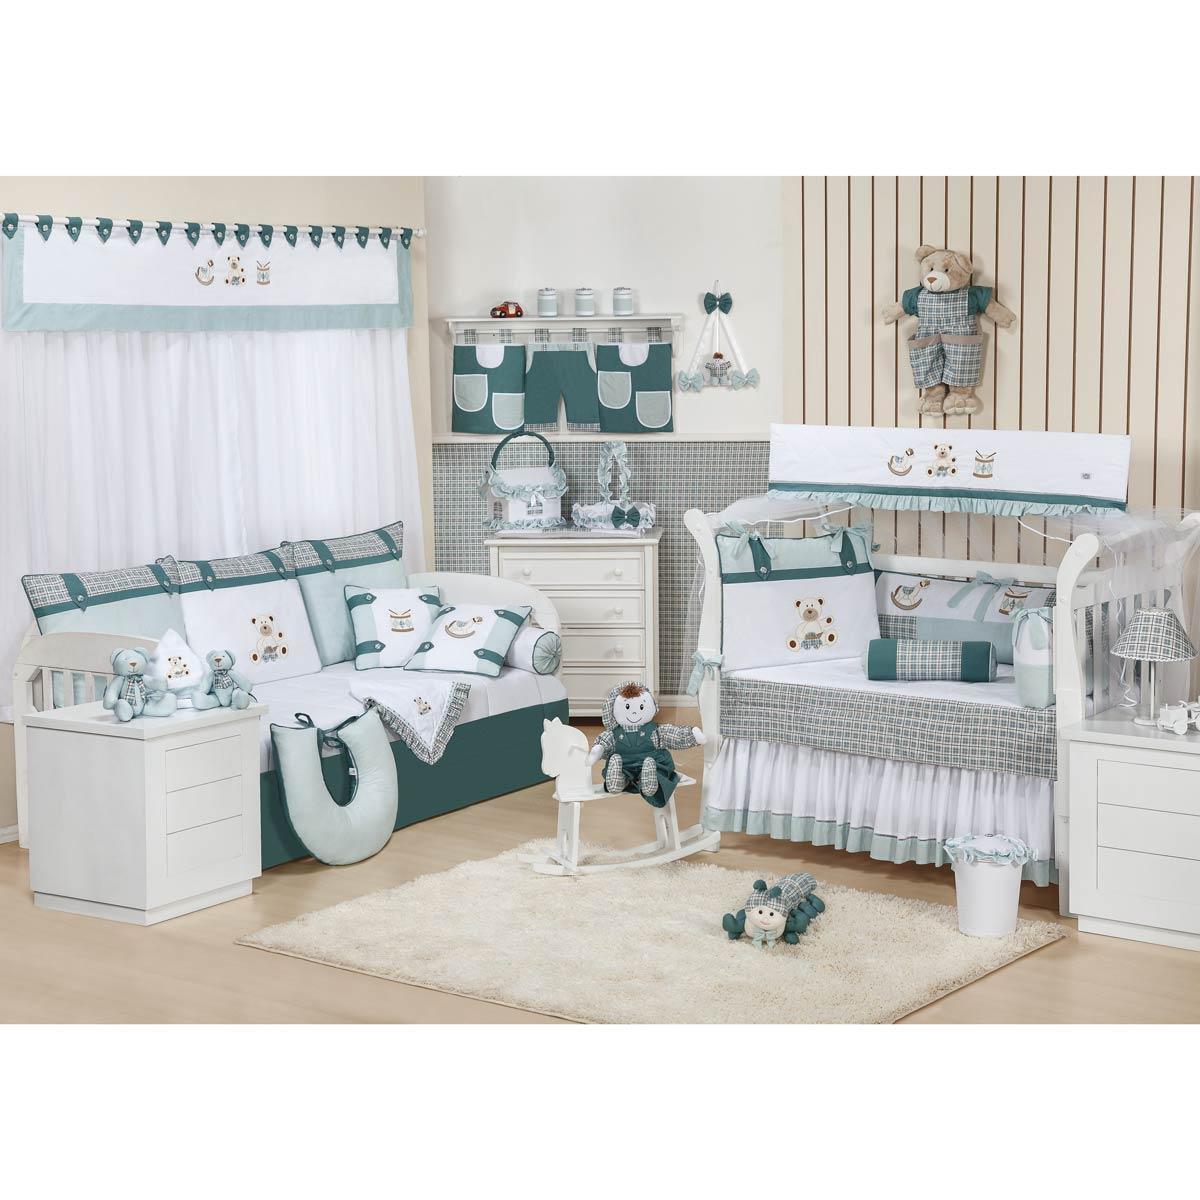 Cortina p/ Quarto de Bebê 2 Metros - Coleção Brinquedos Baby